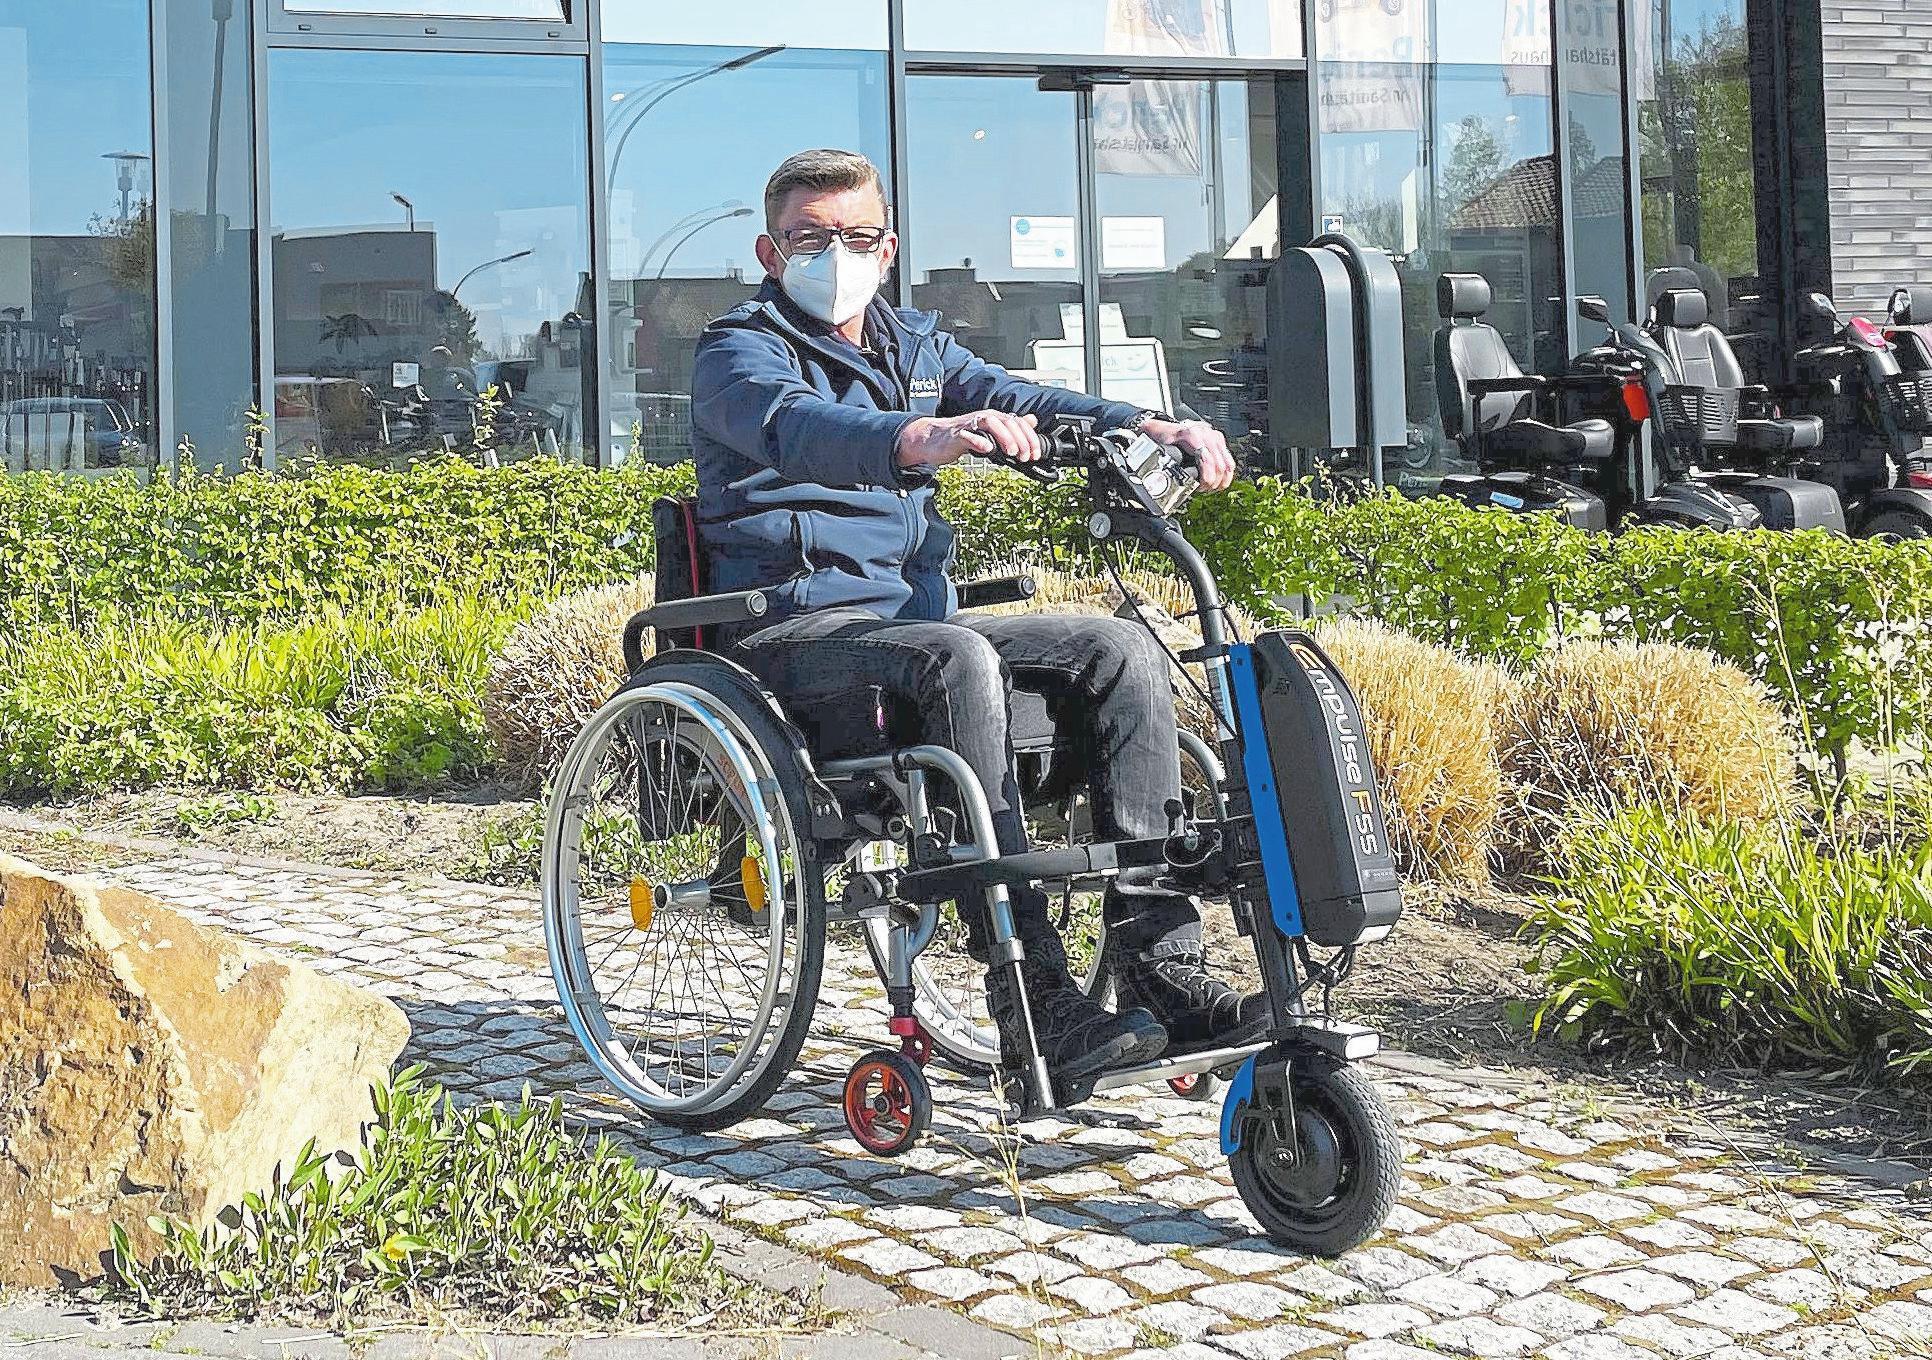 Perick-Mitarbeiter Andreas Bente demonstriert das Zuggerät Empulse F55, das vor einem Rollstuhl adaptiert ist.